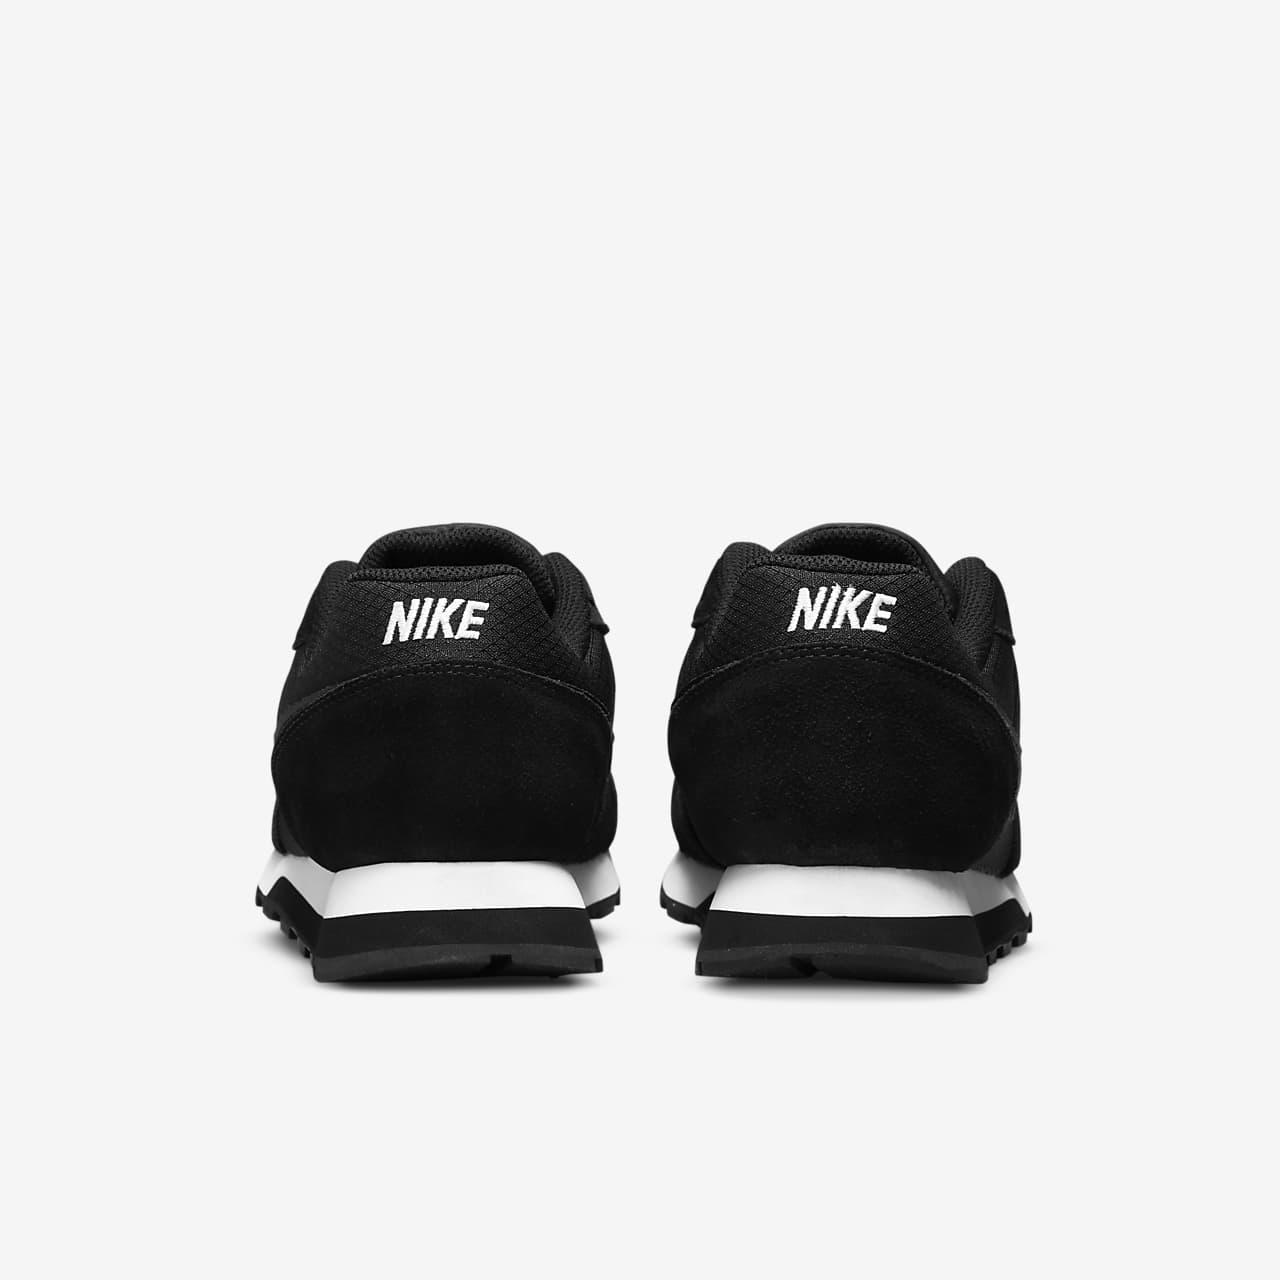 scarpe nike md runner 2 donna